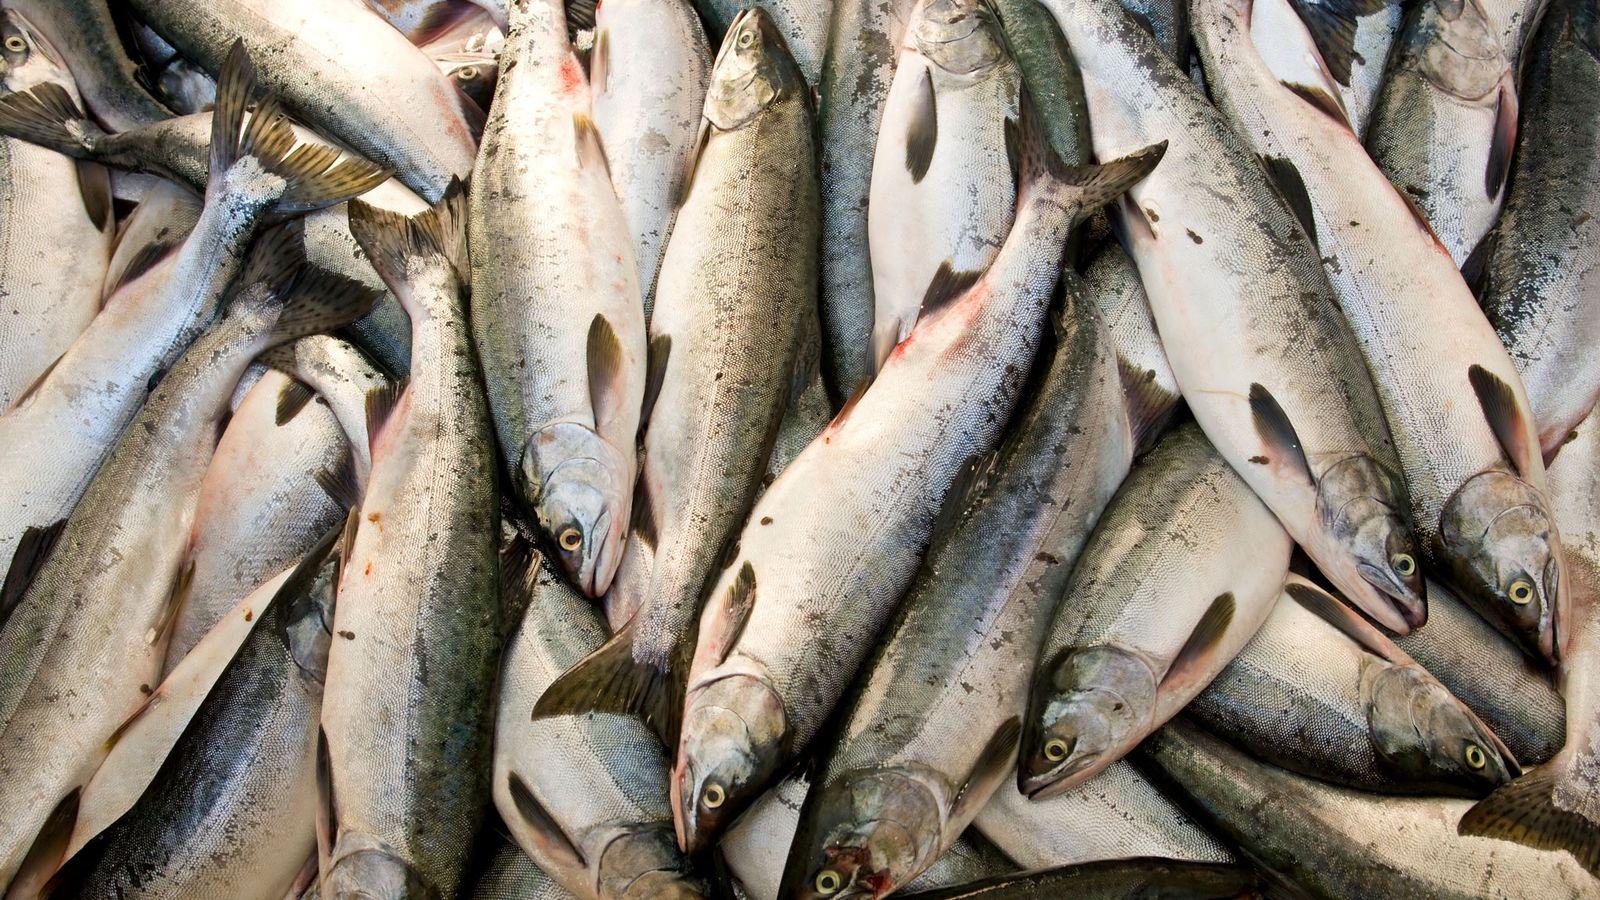 Captura de uma pescaria de salmão rosa.